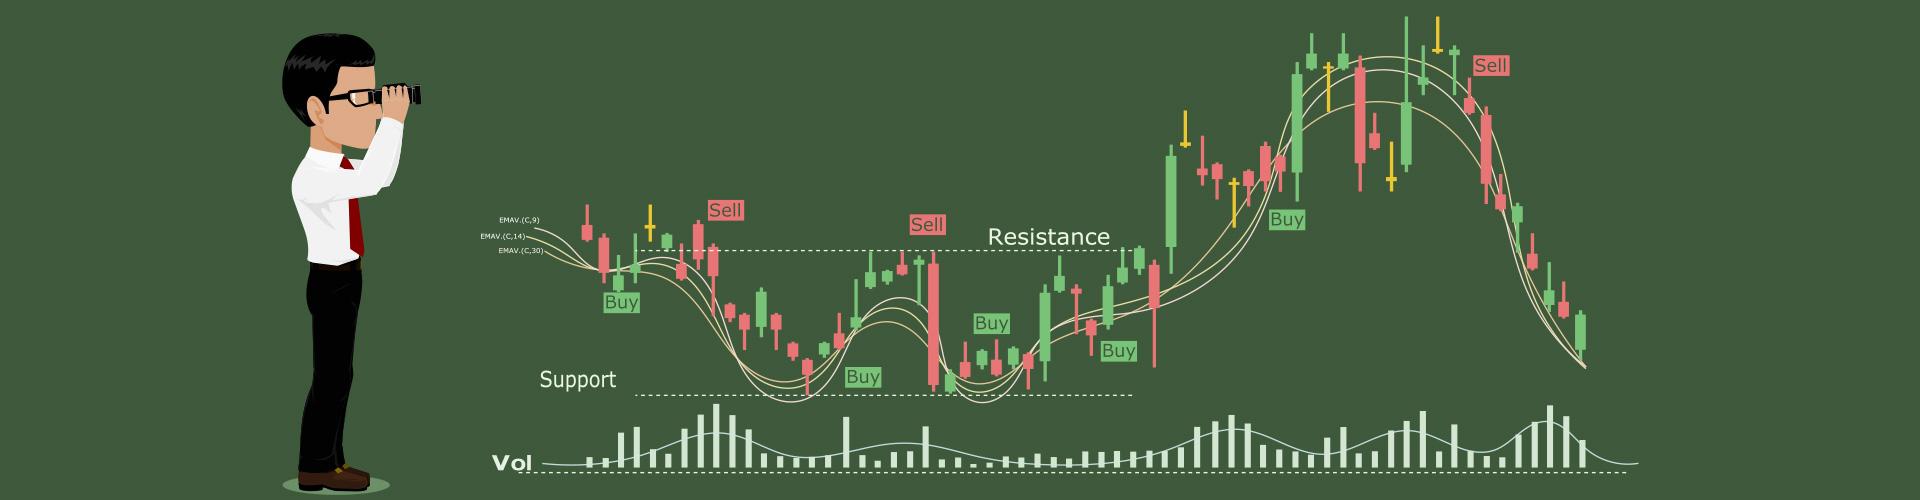 Kauf und Verkauf im Chart mit verschiedenen Trading Orderarten